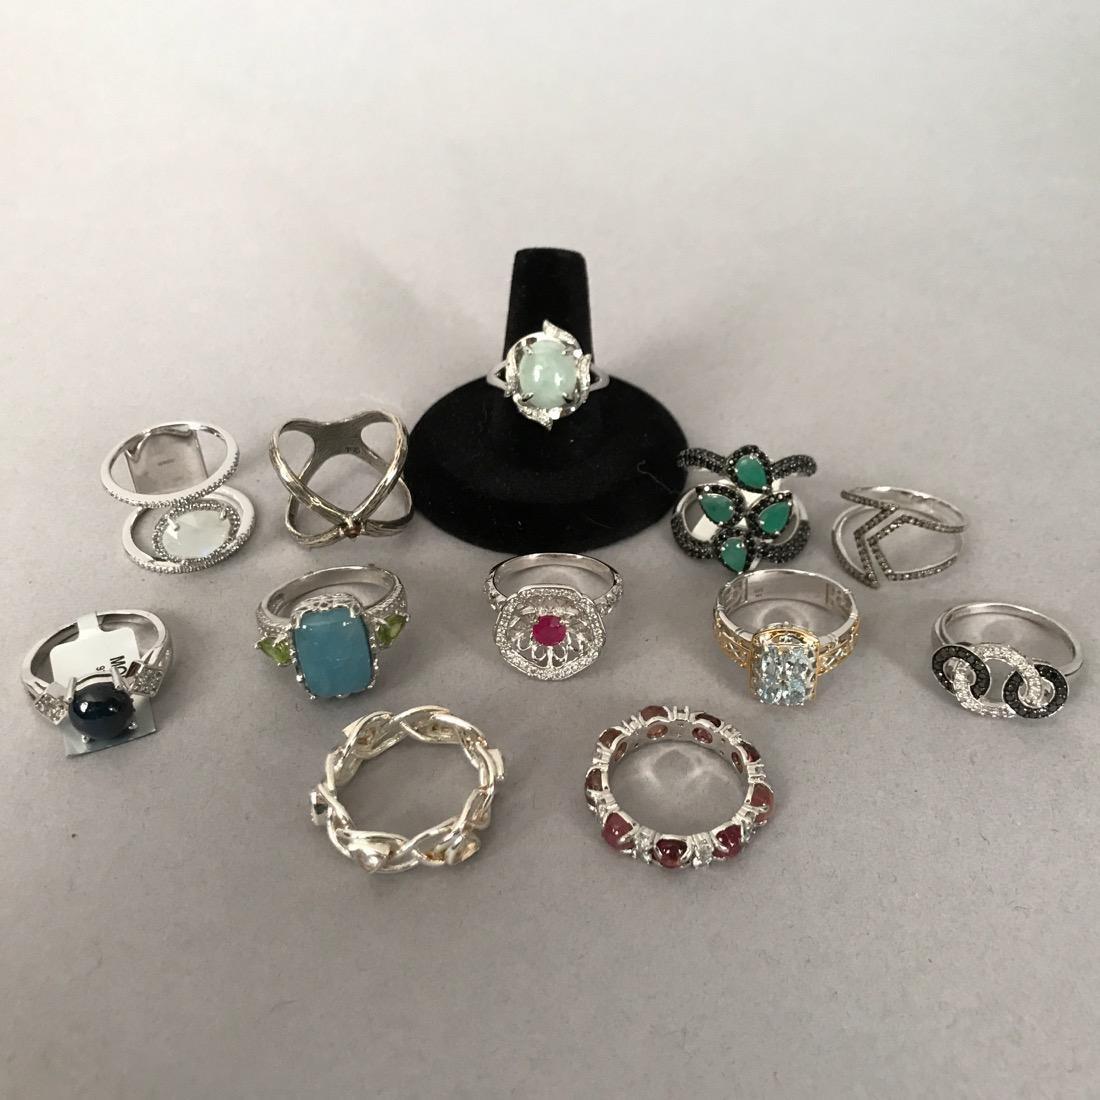 12 Sterlig Silver Rings